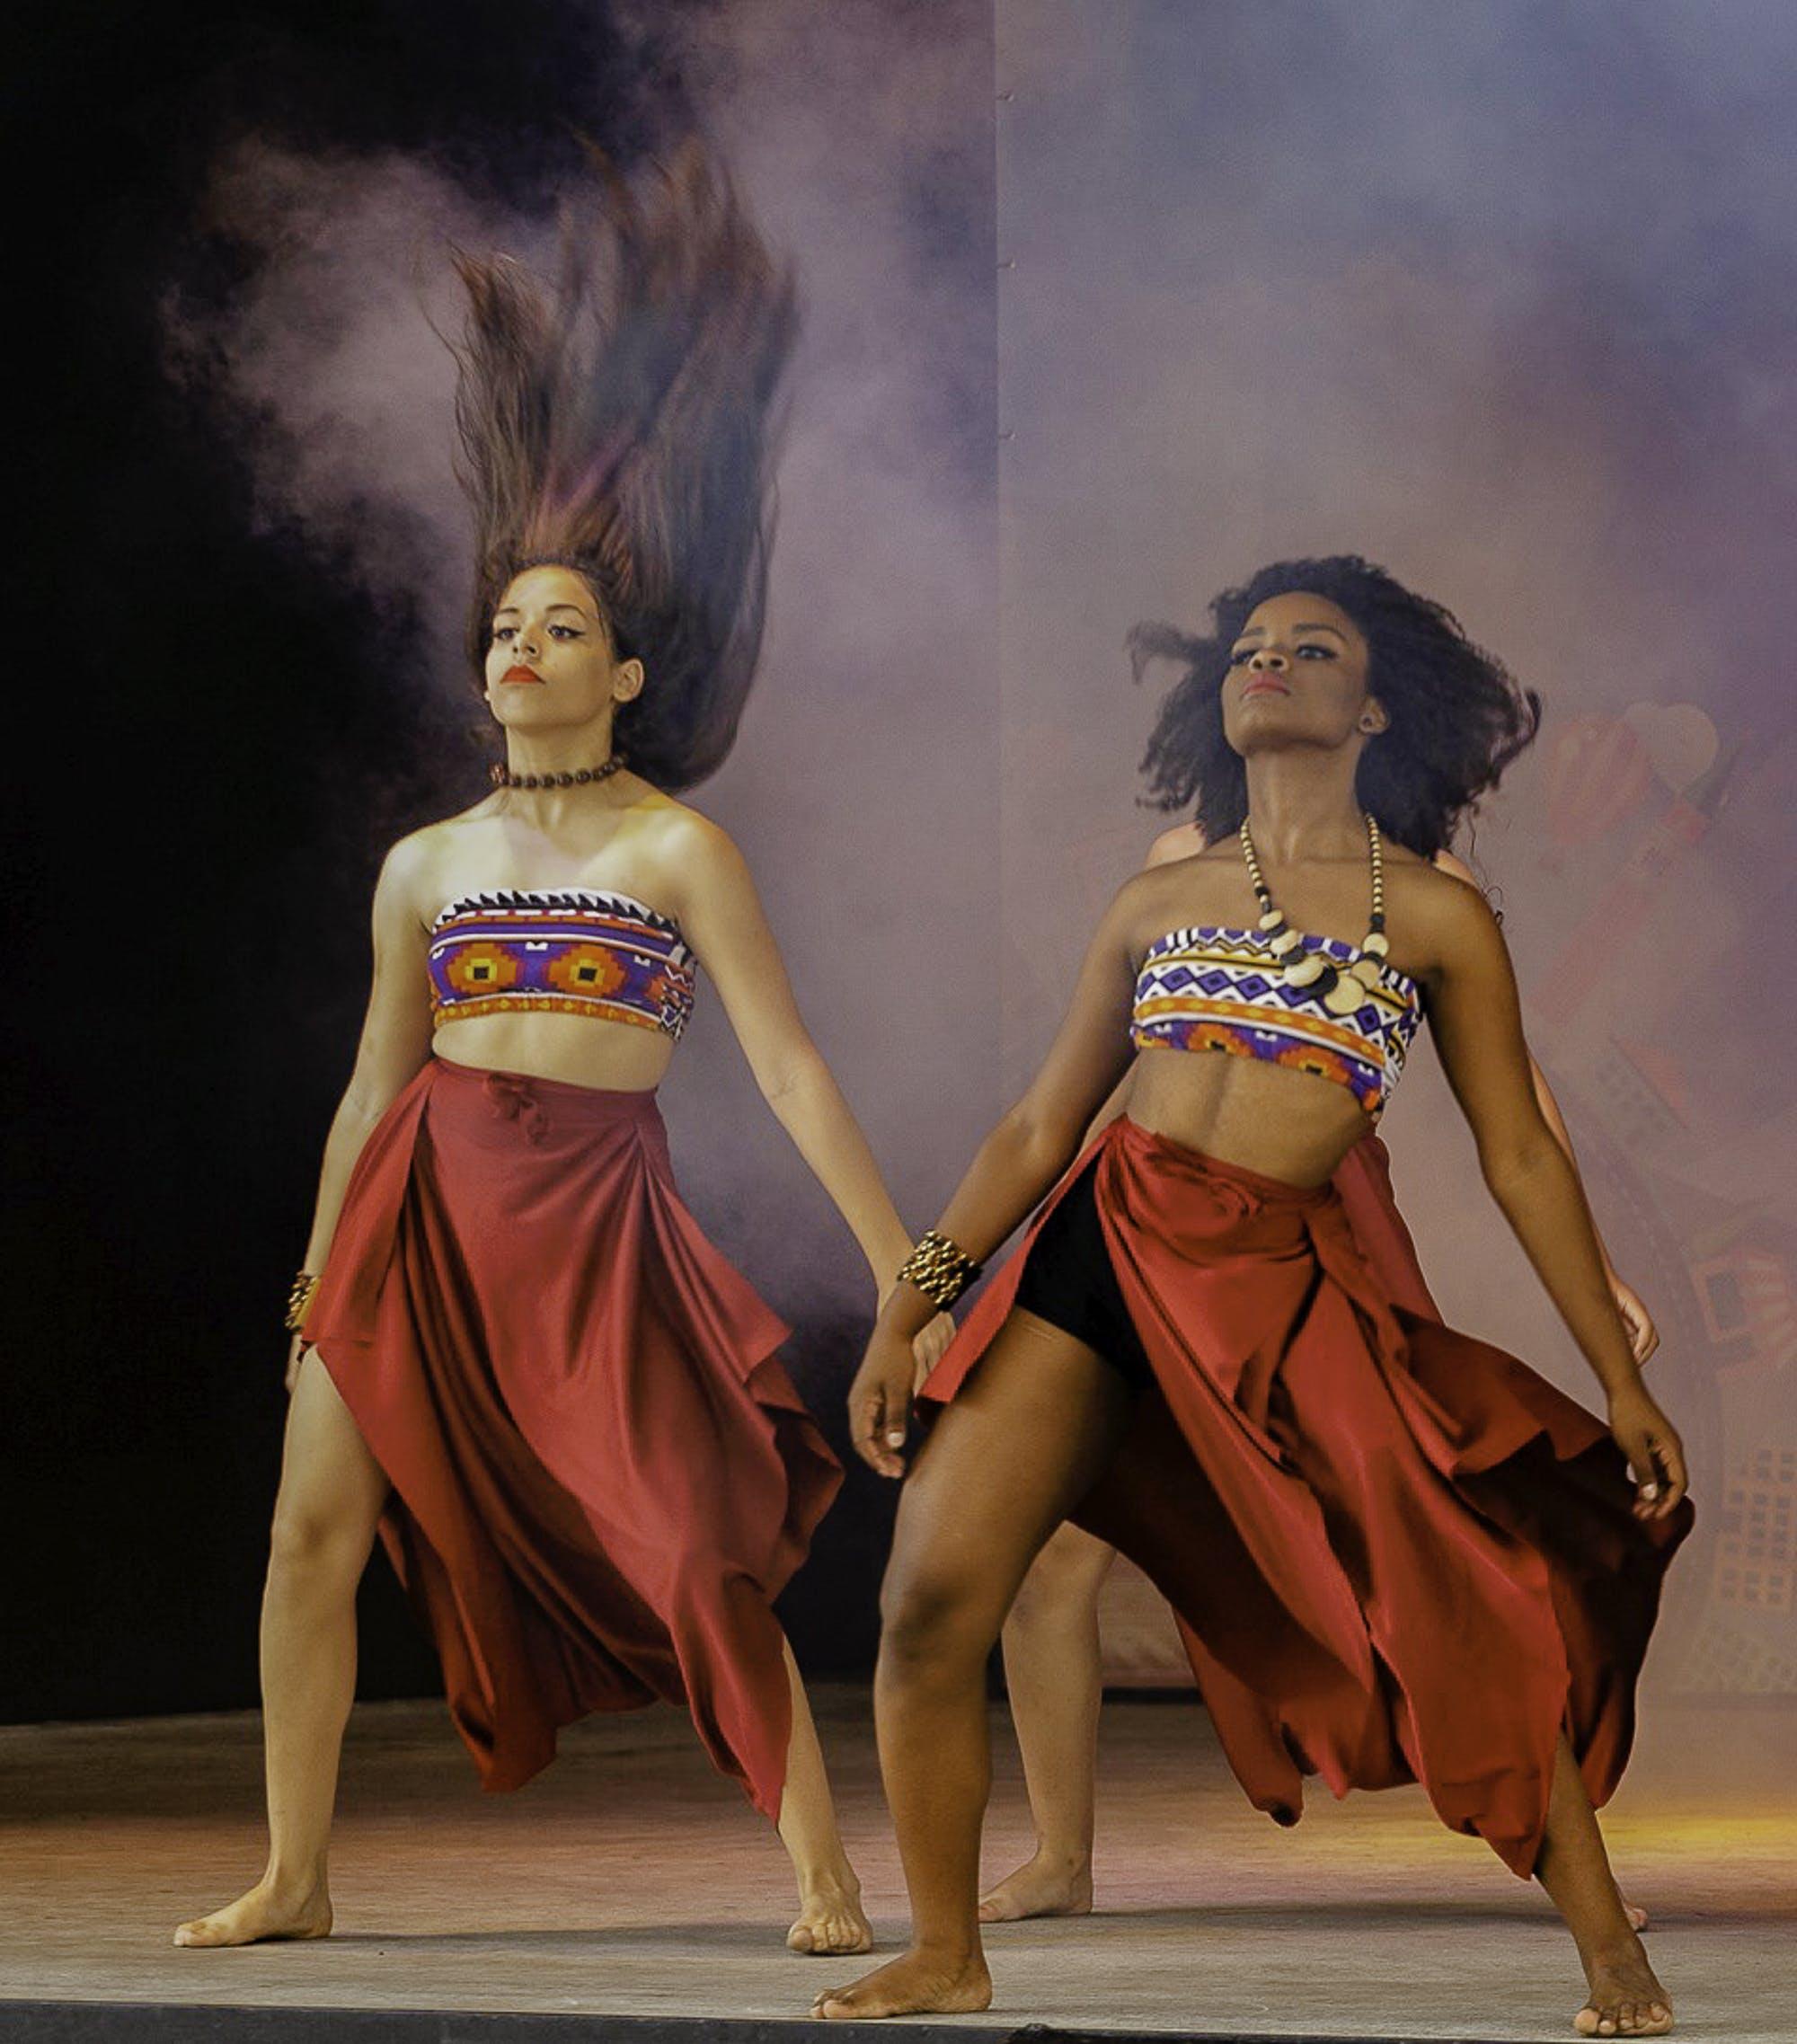 Fotos de stock gratuitas de actuación, bailando, bailarines, desgaste